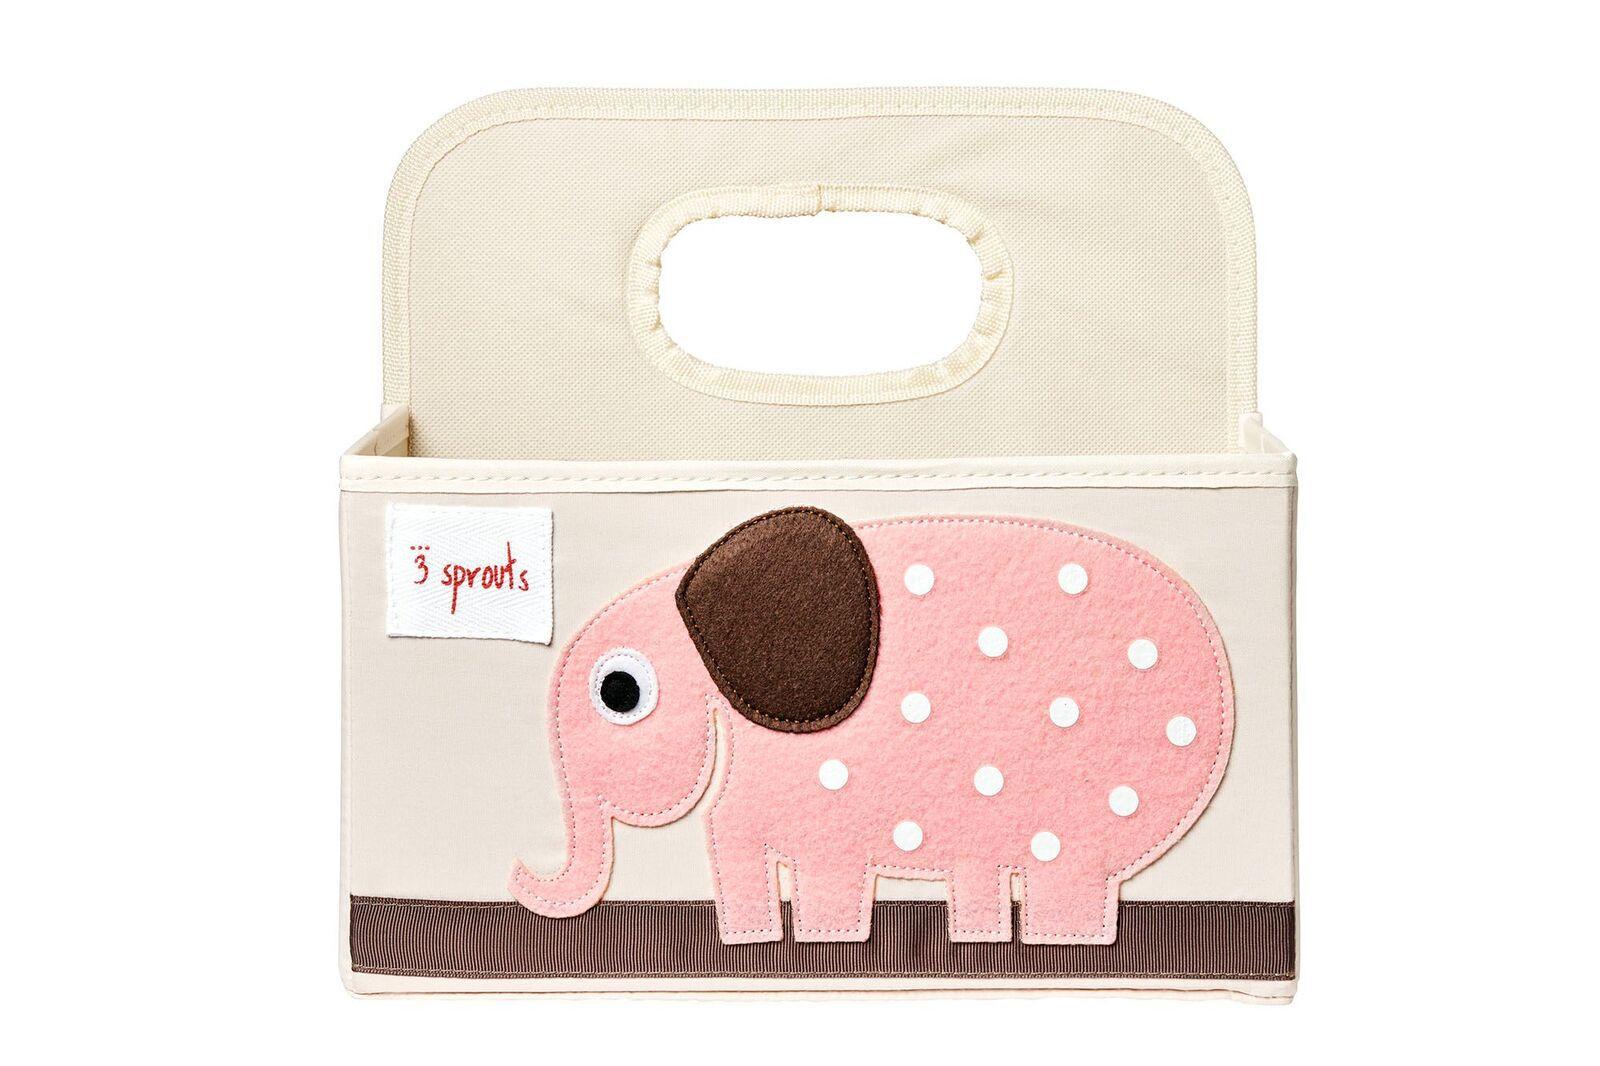 Organizador de Fraldas 3 Sprouts - Elefante